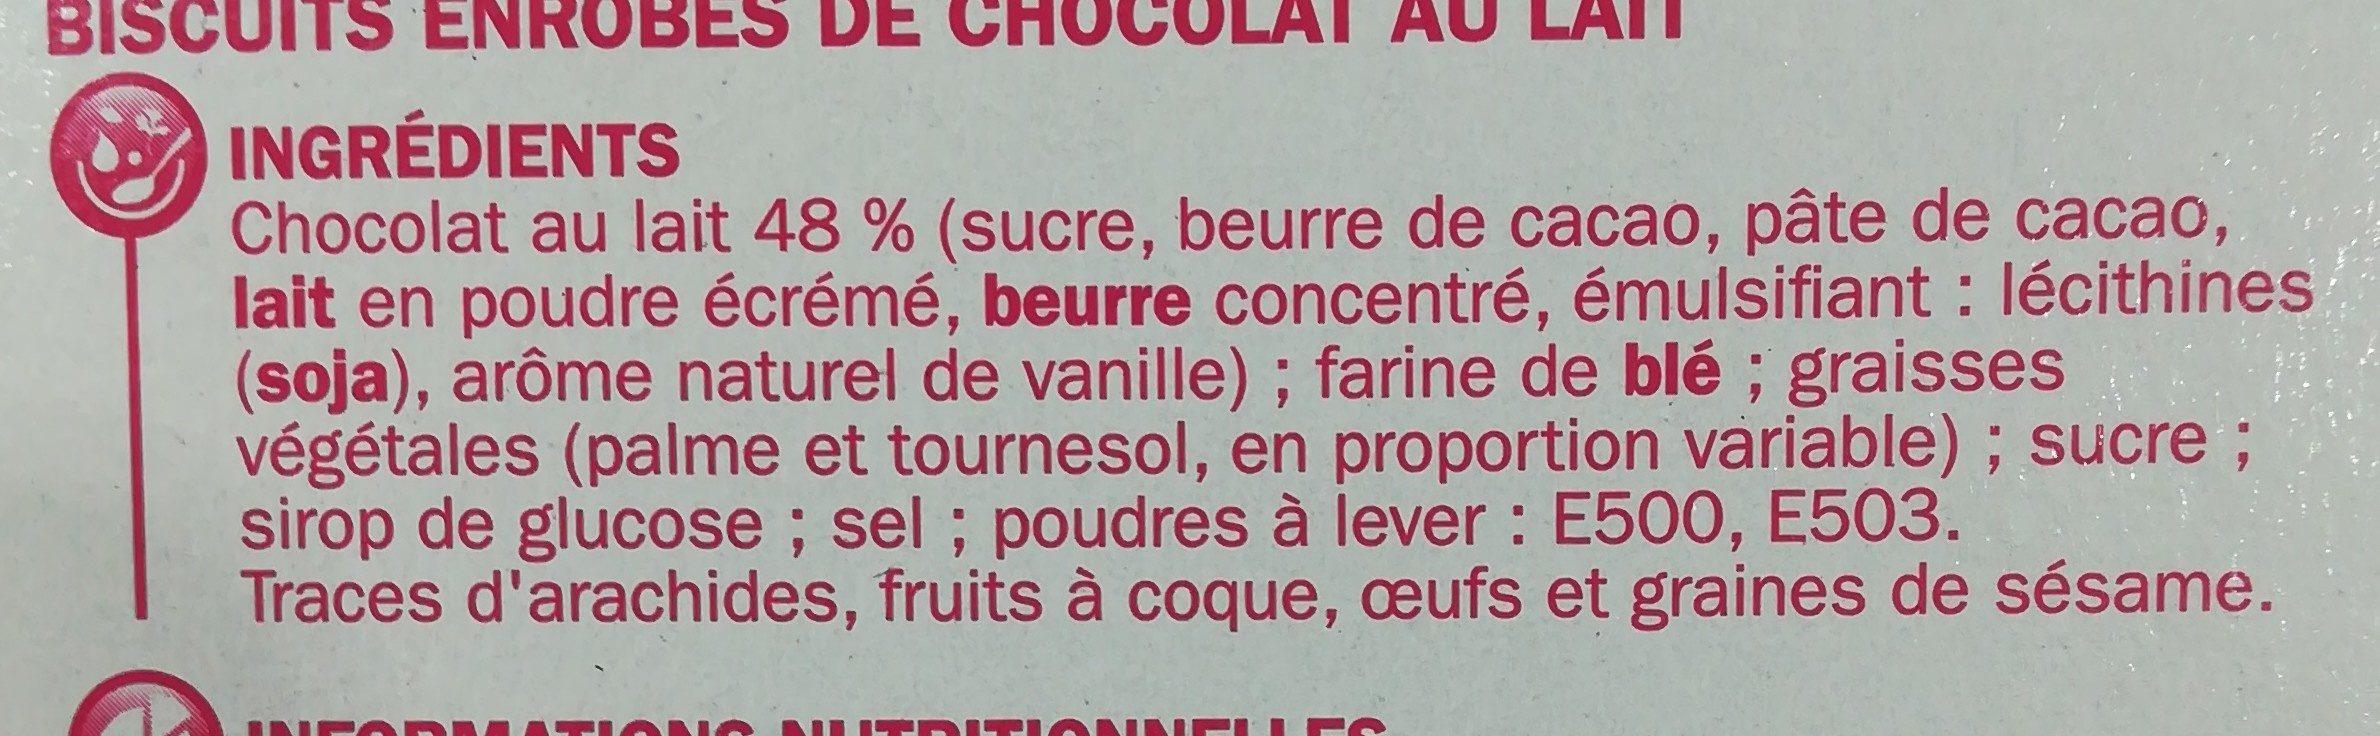 Bâtonnets enrobés de chocolat au lait - Ingrédients - fr